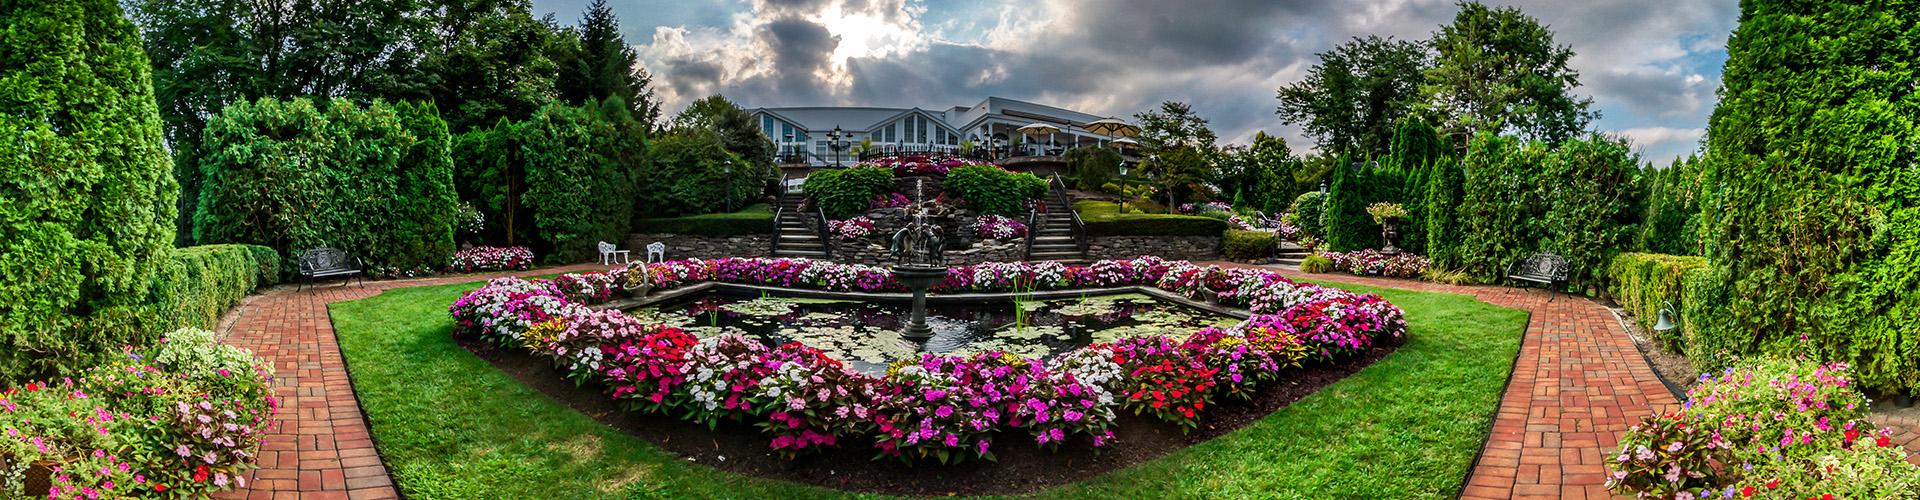 Park Savoy Estate & Gardens by 360SiteVisit